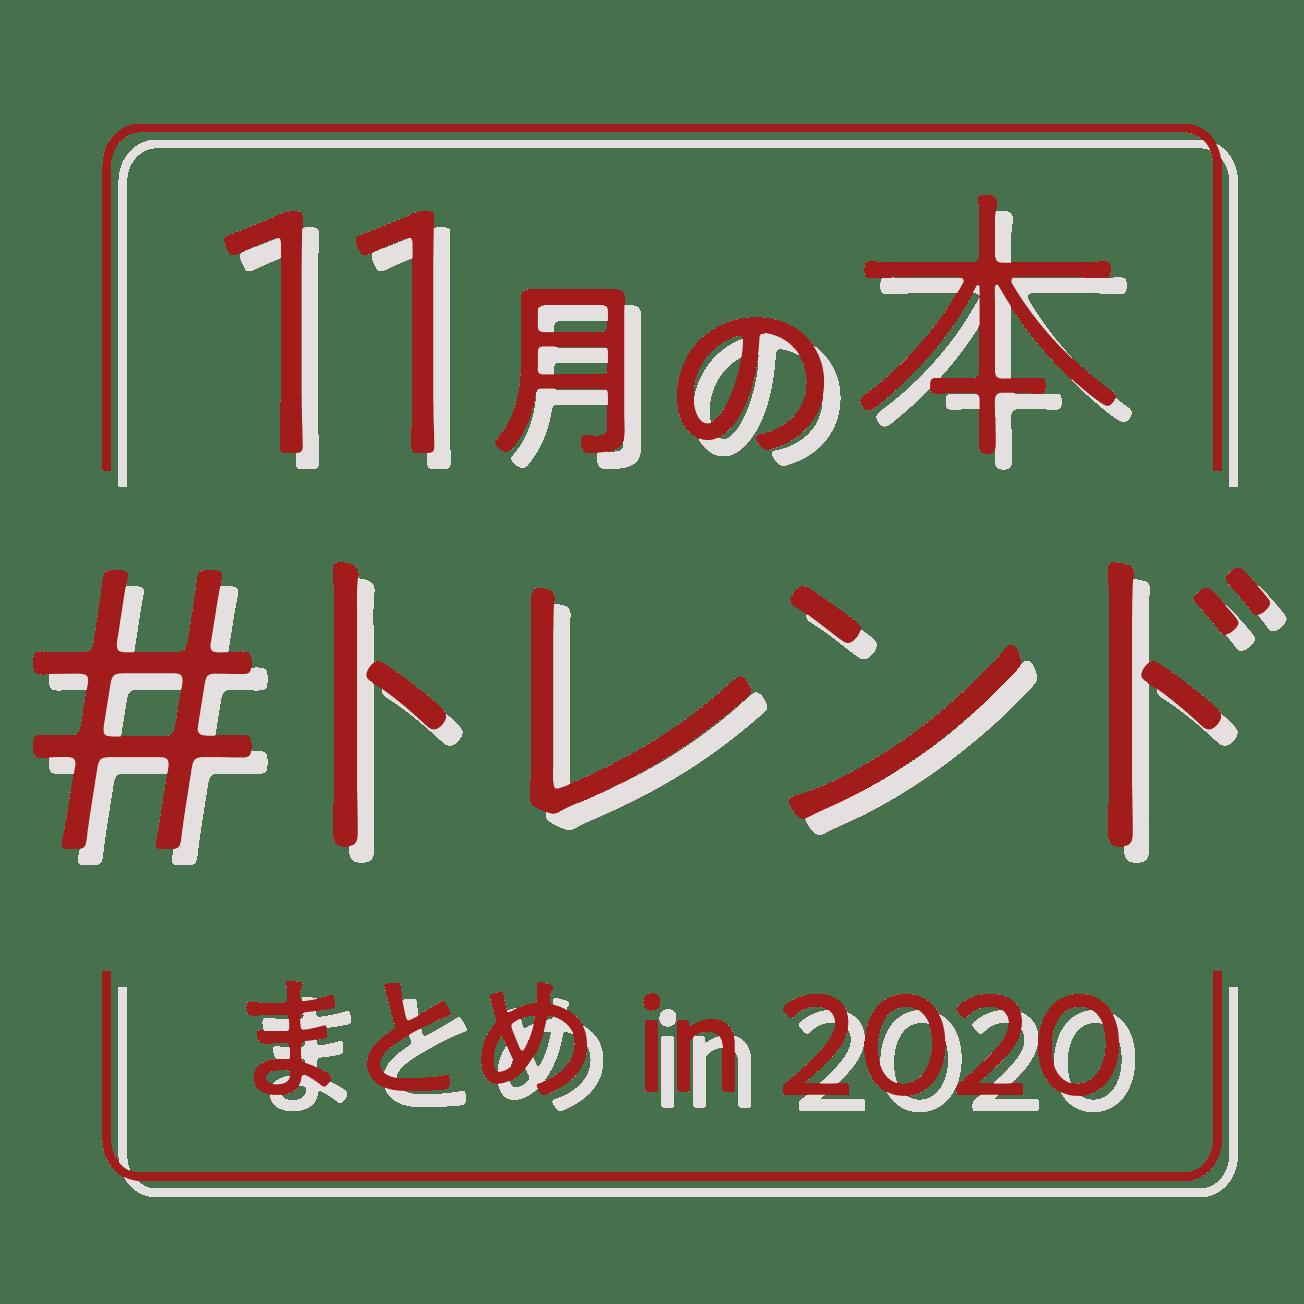 11月の本#トレンドまとめin2020